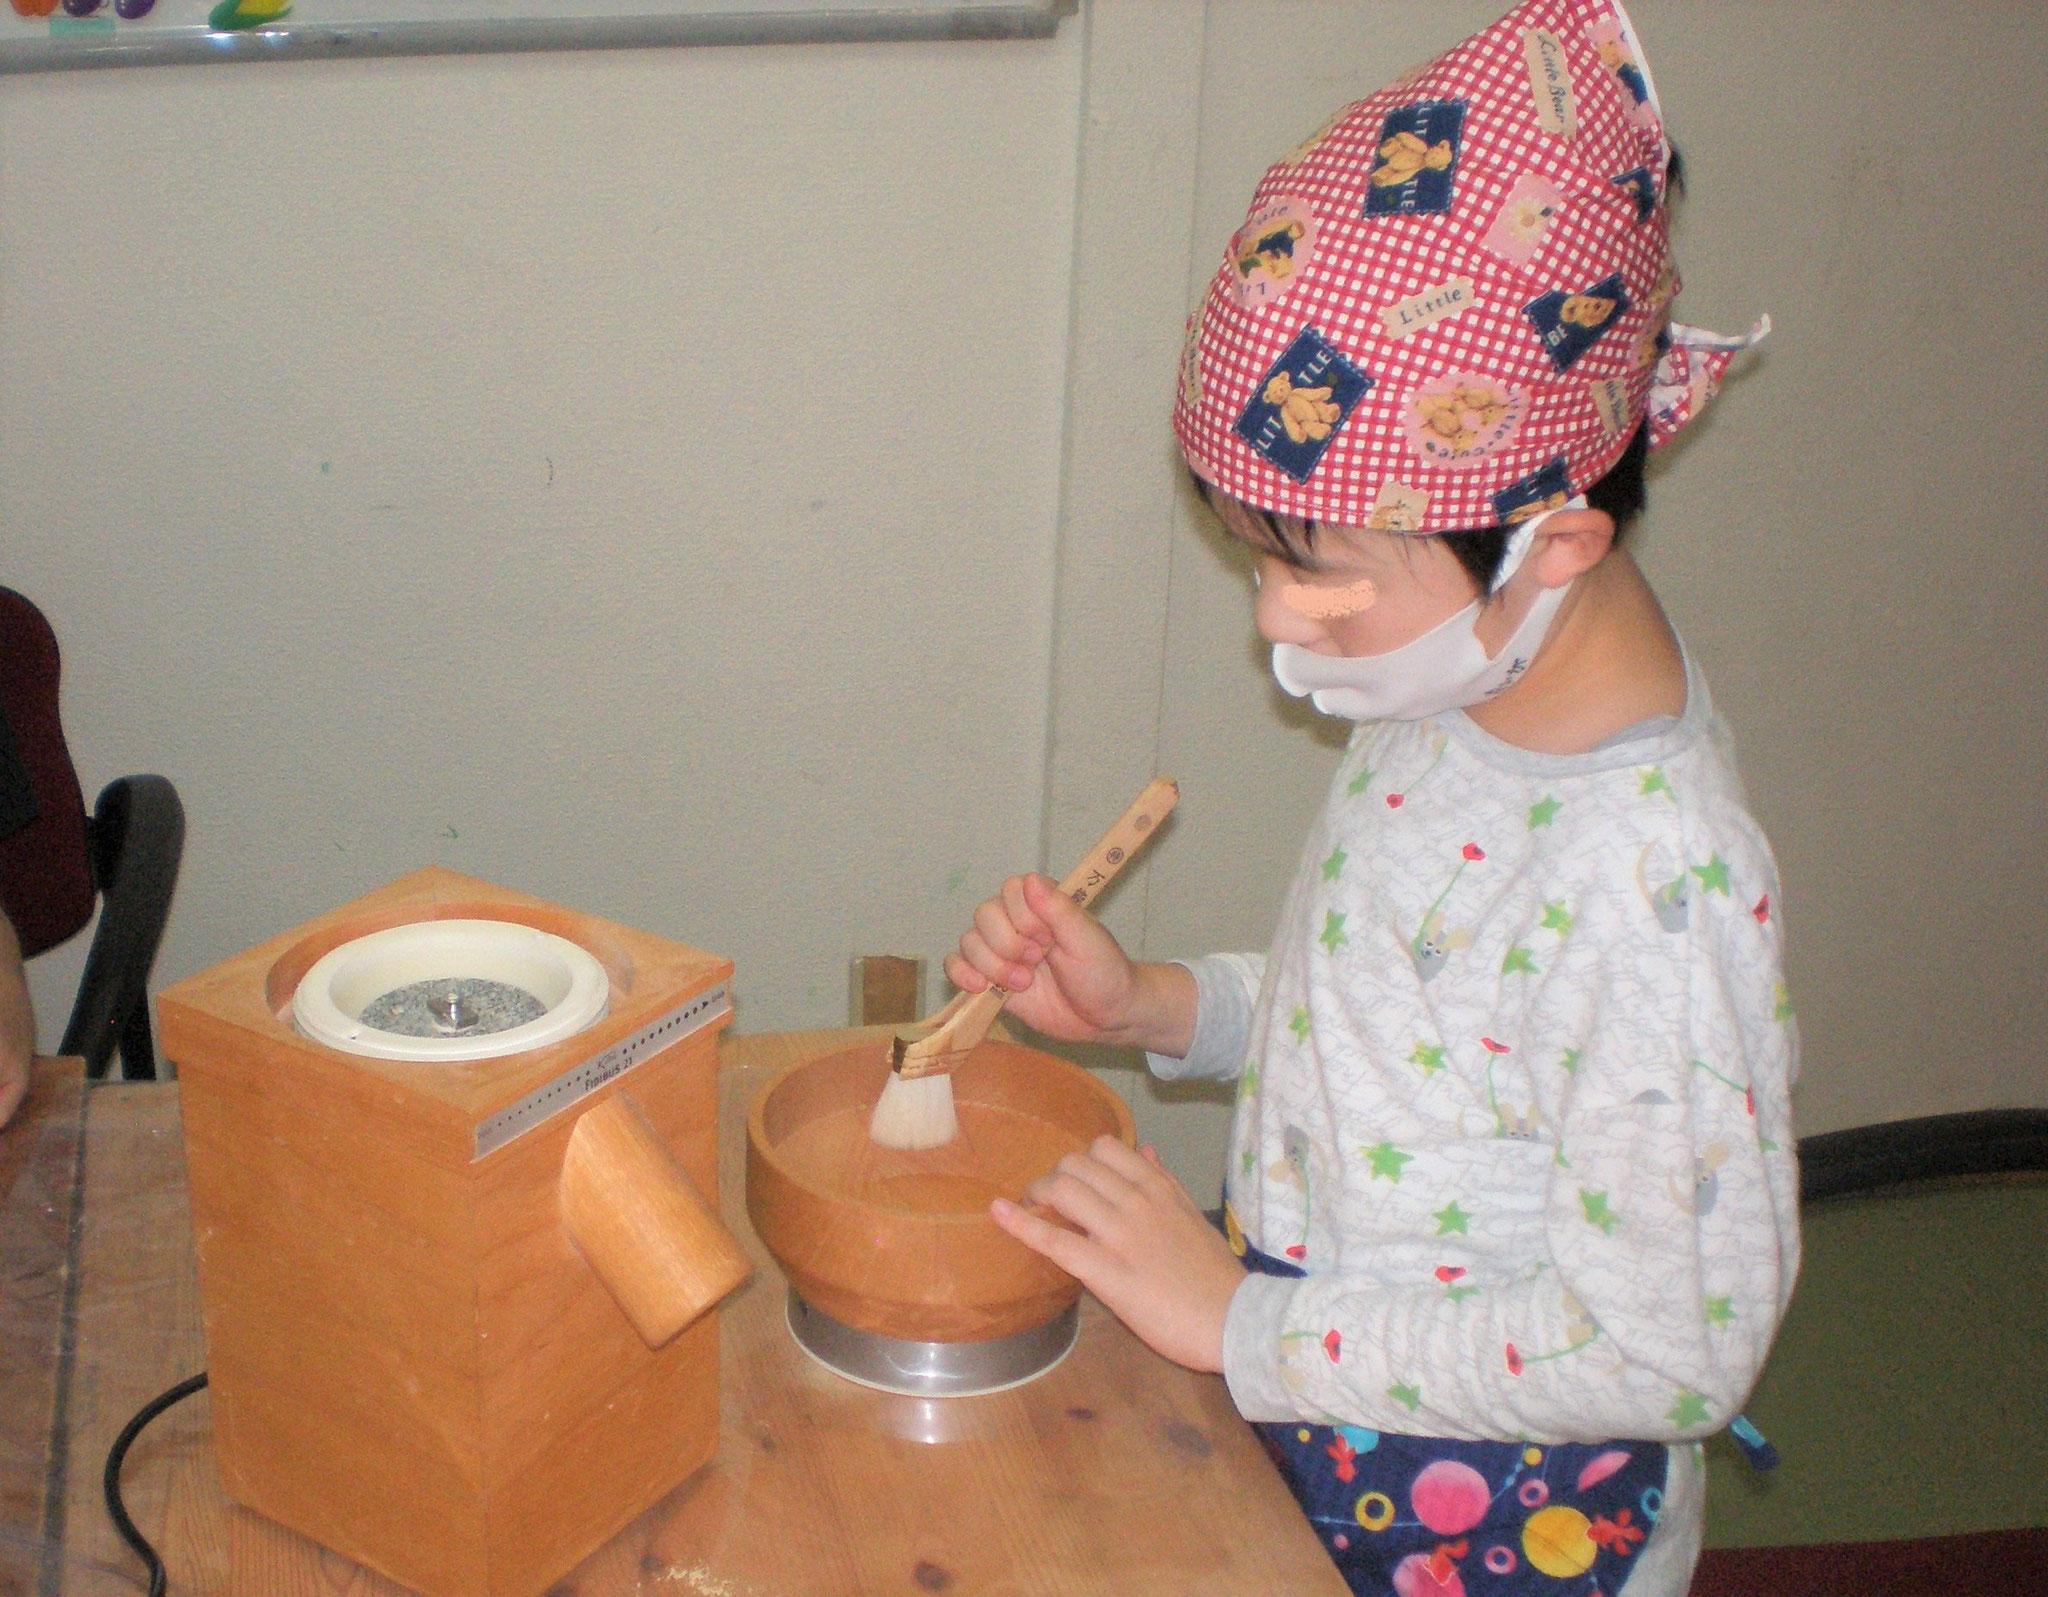 自動の石臼です。大豆をきな粉にしました。終わったら、道具のお手入れもしましょう。